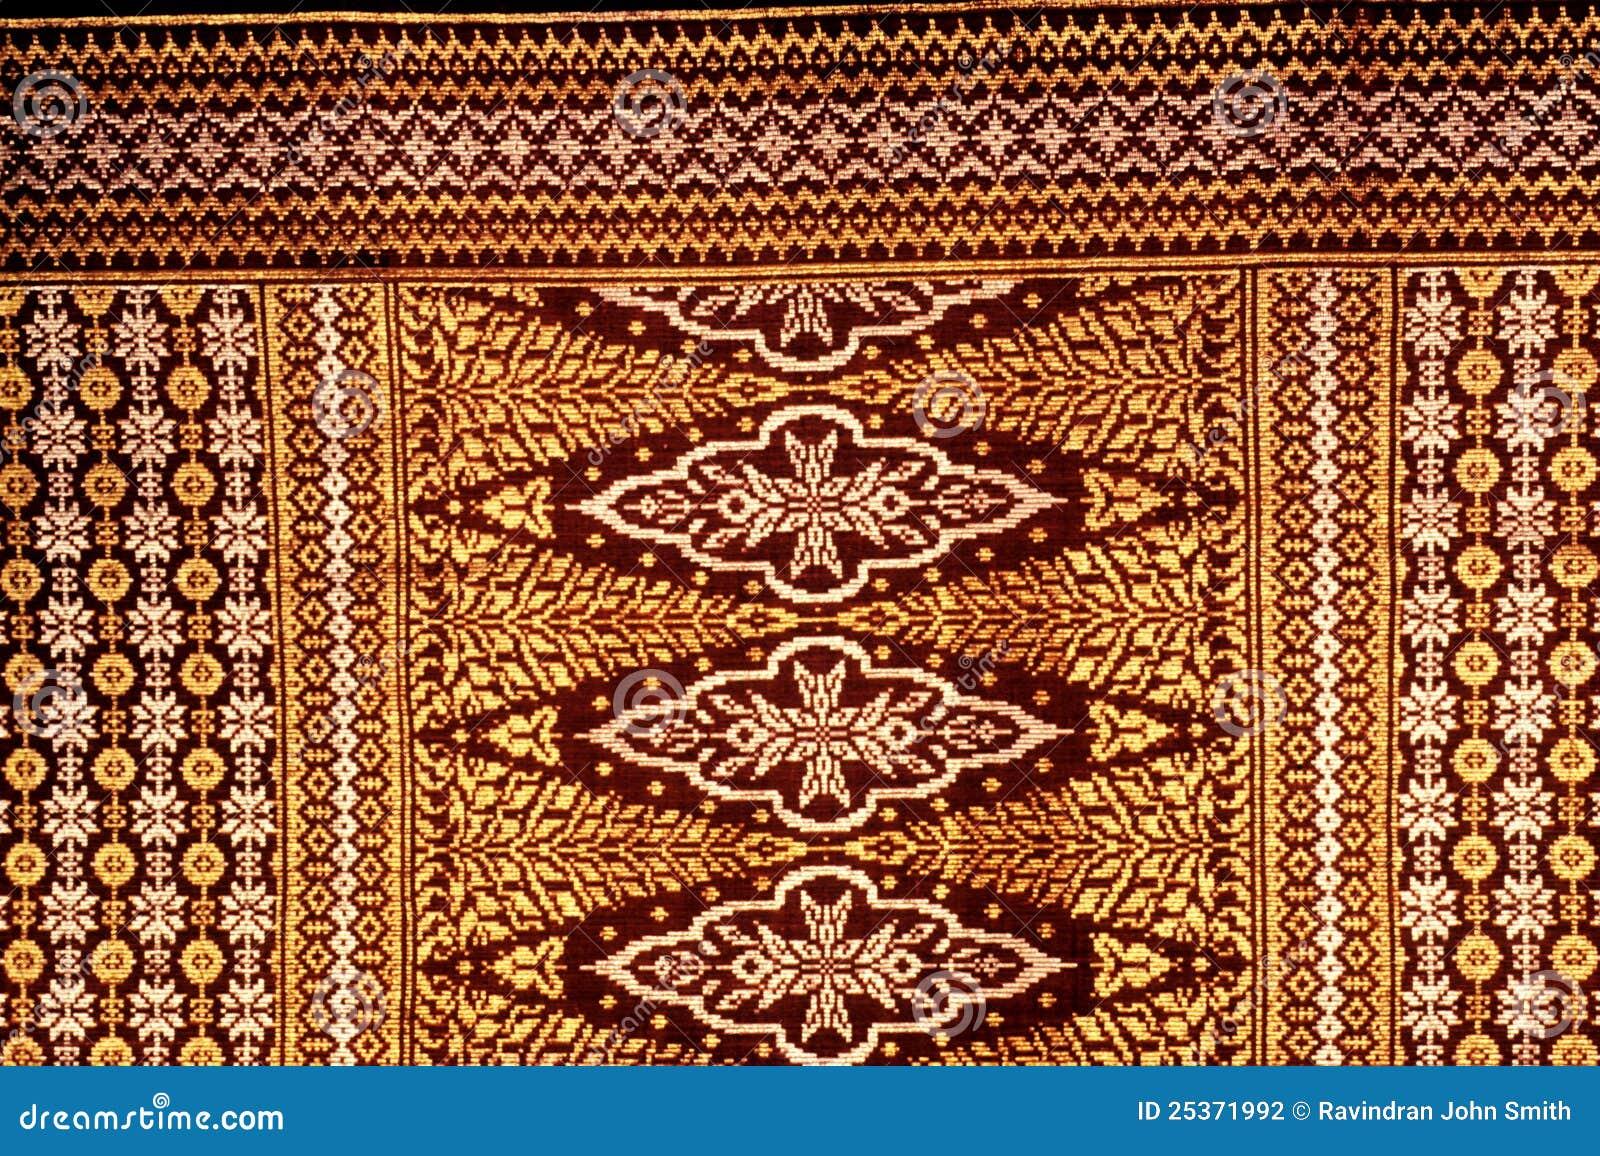 Sarung batik 3 - 2 part 7